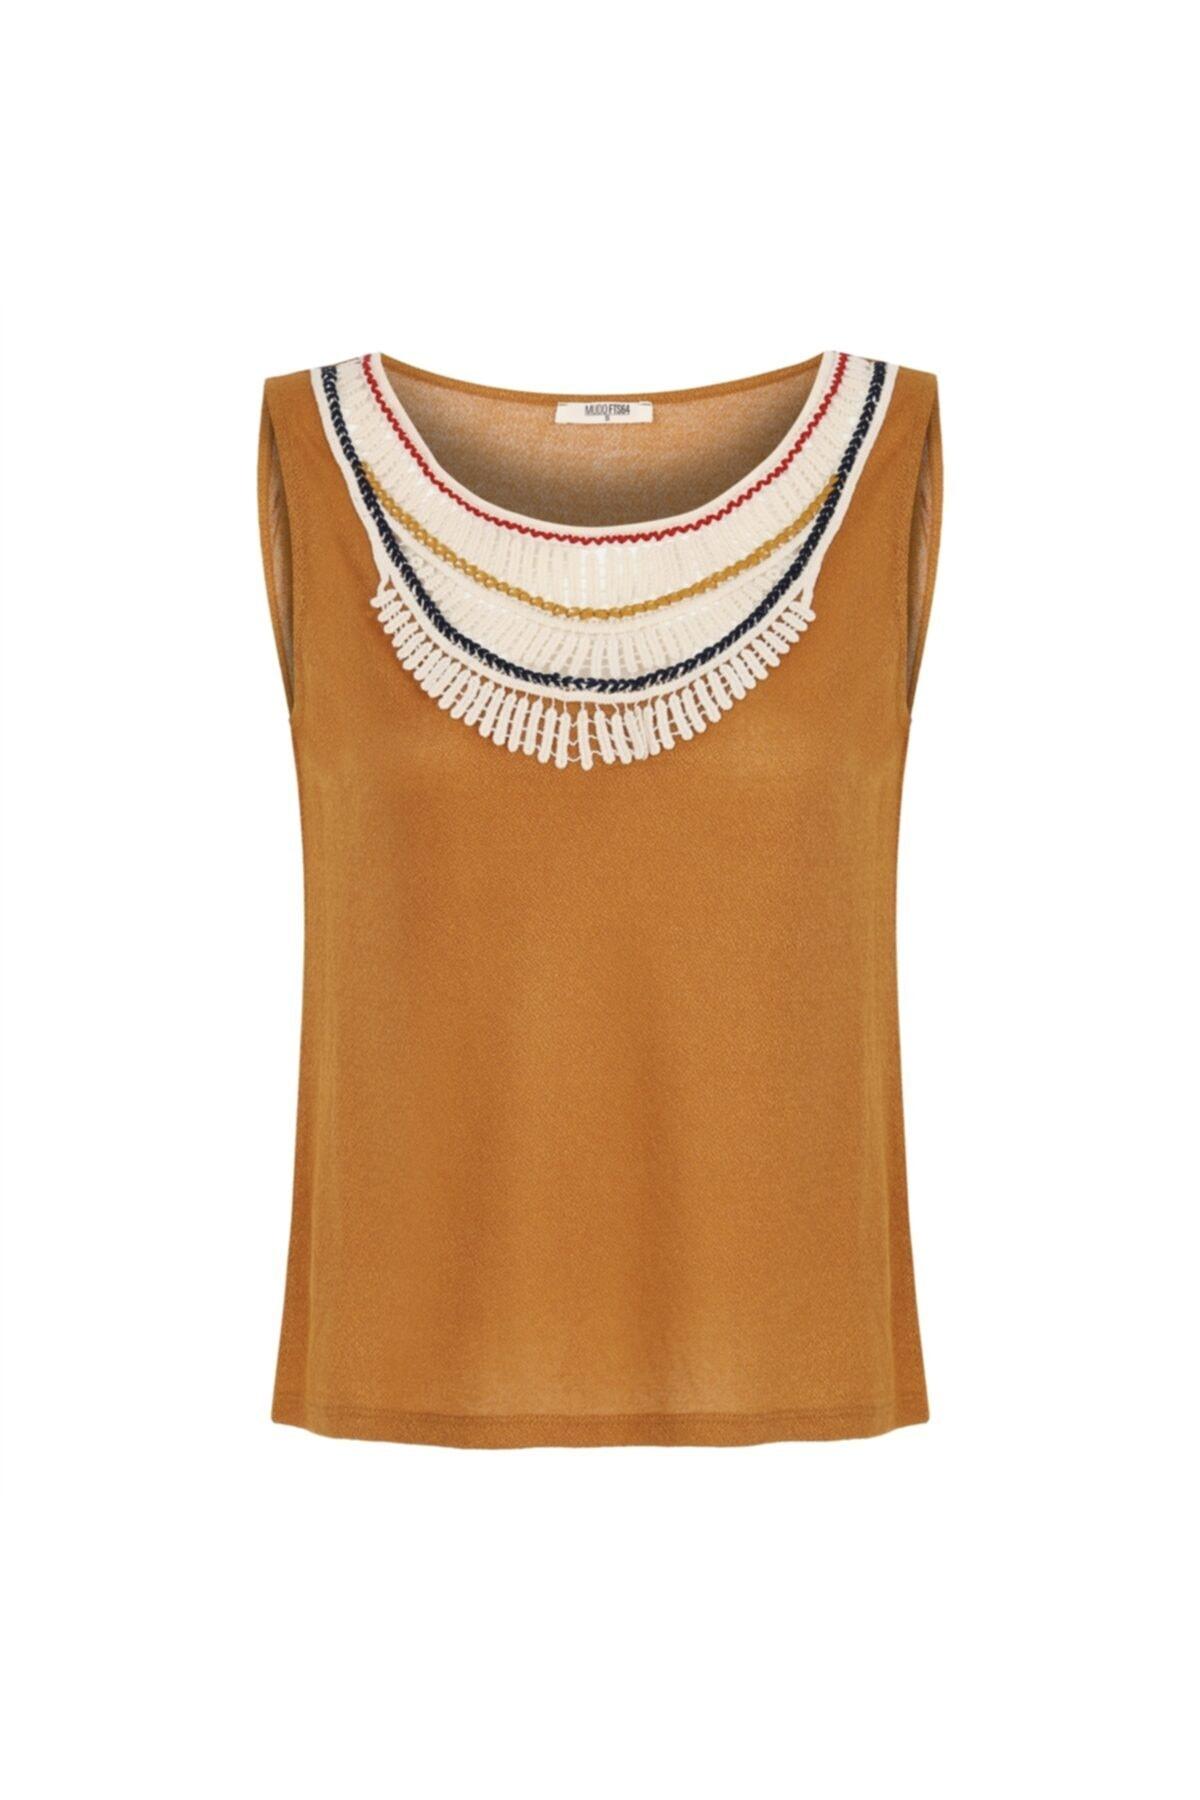 Kadın Kahverengi Dantelli Kolsuz Bluz 1217801